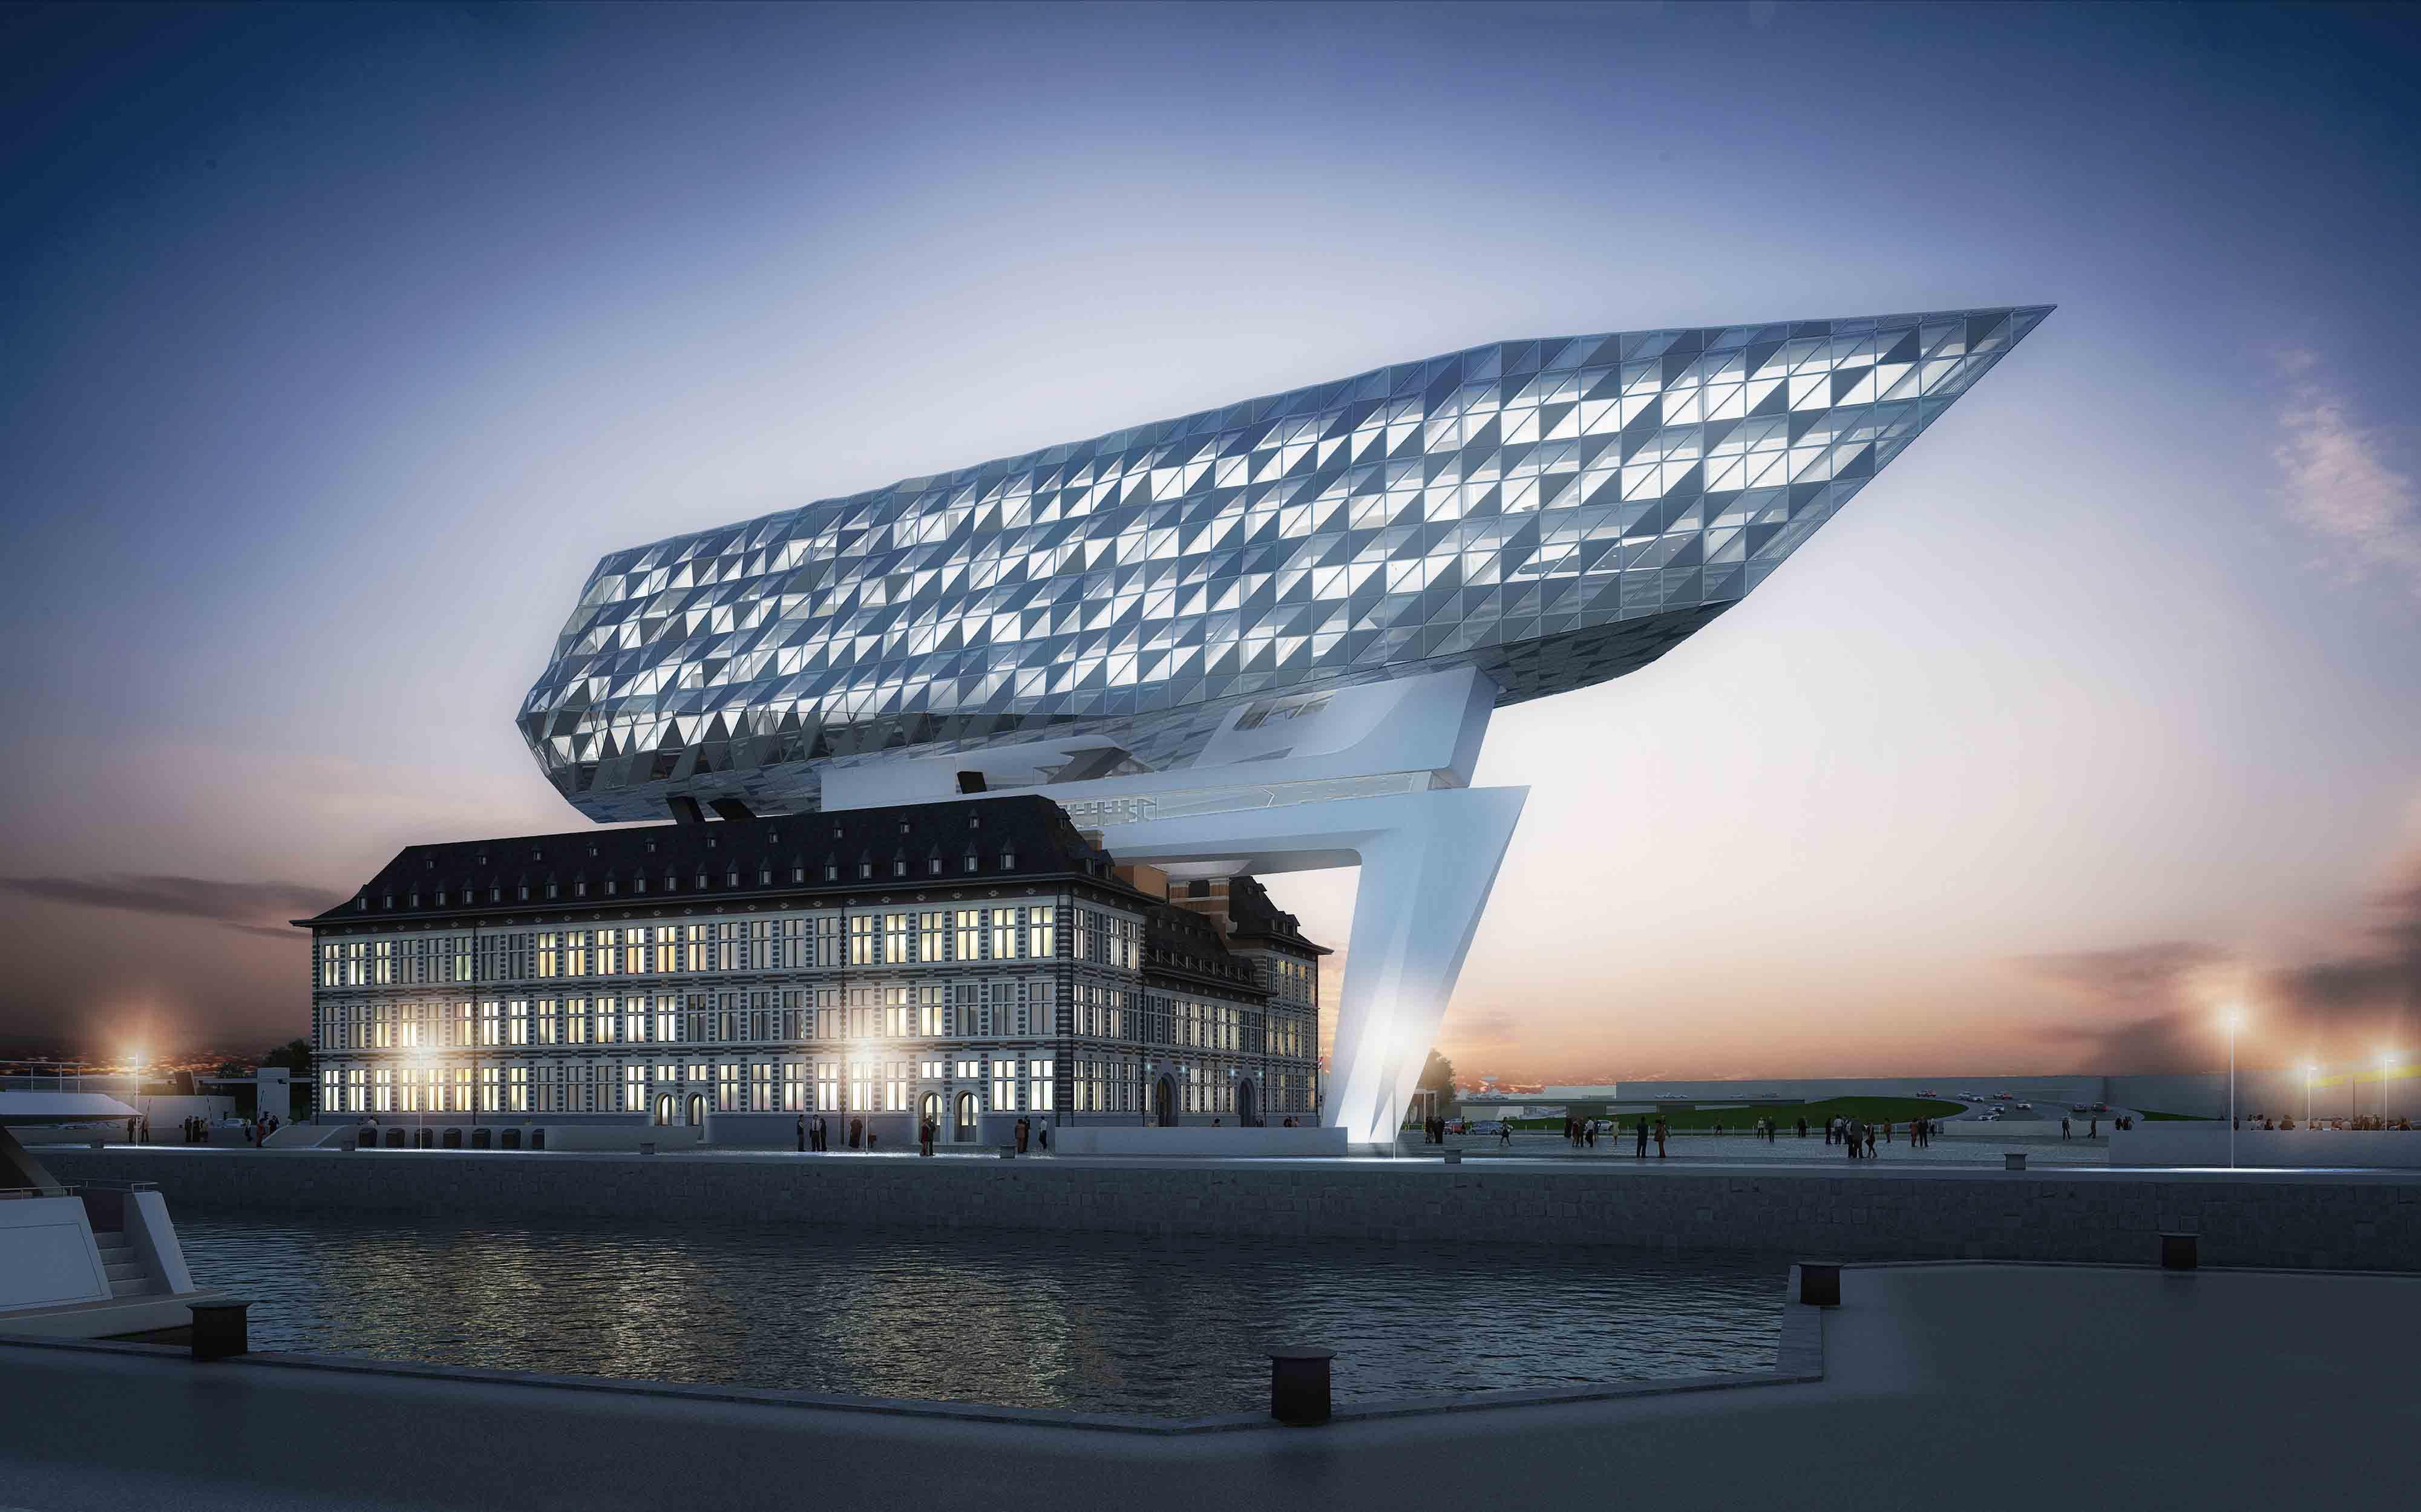 zaha hadid - Zaha Hadid Architect Buildings